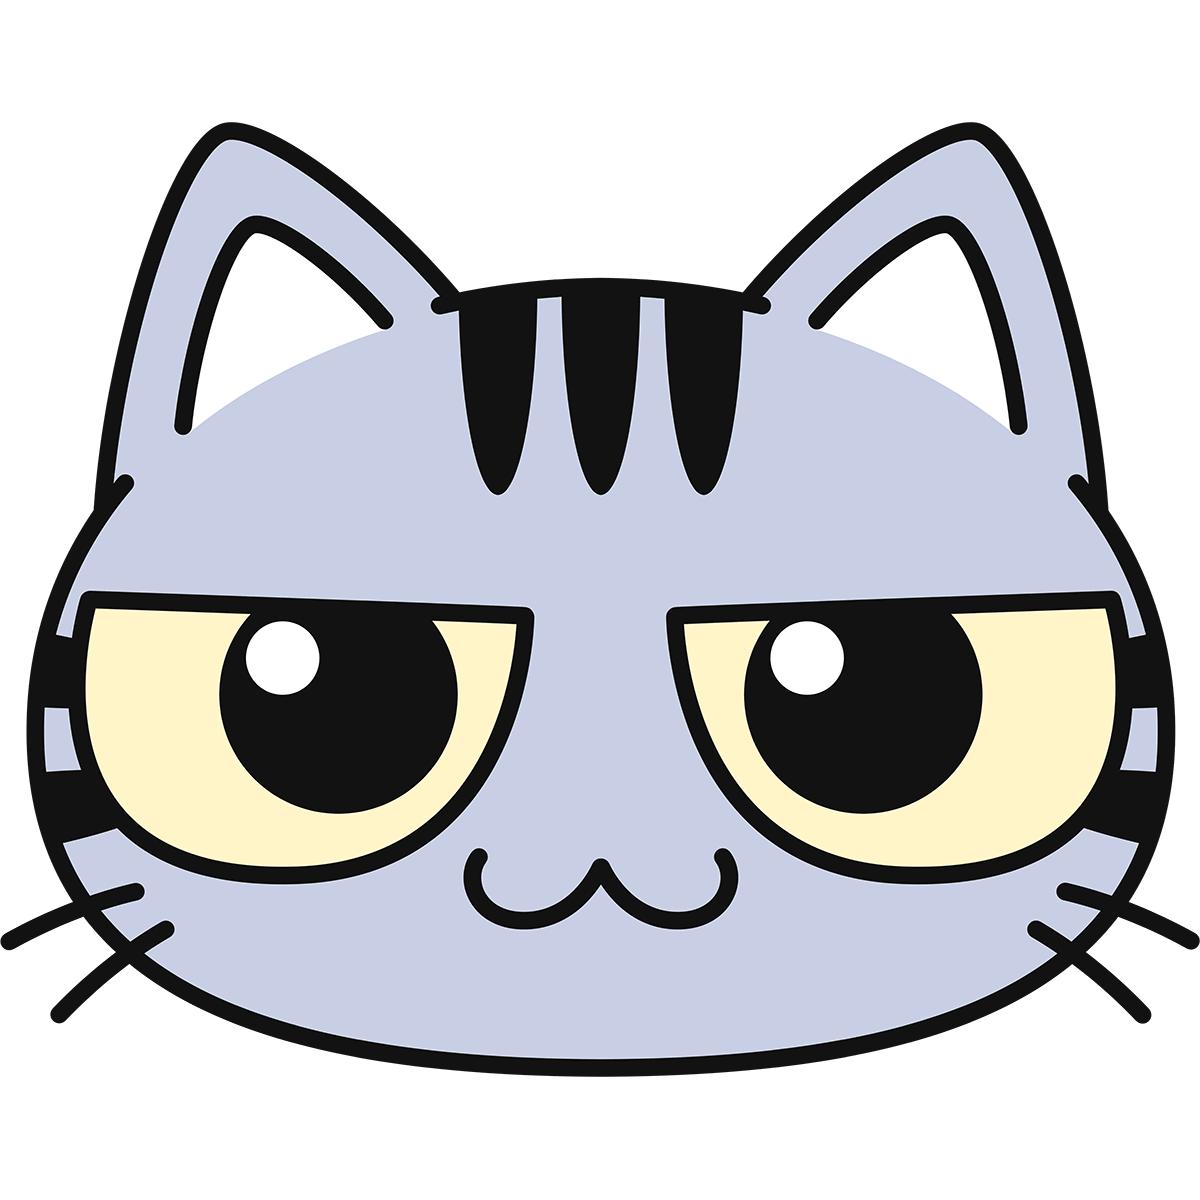 サバトラ猫の顔の無料イラスト